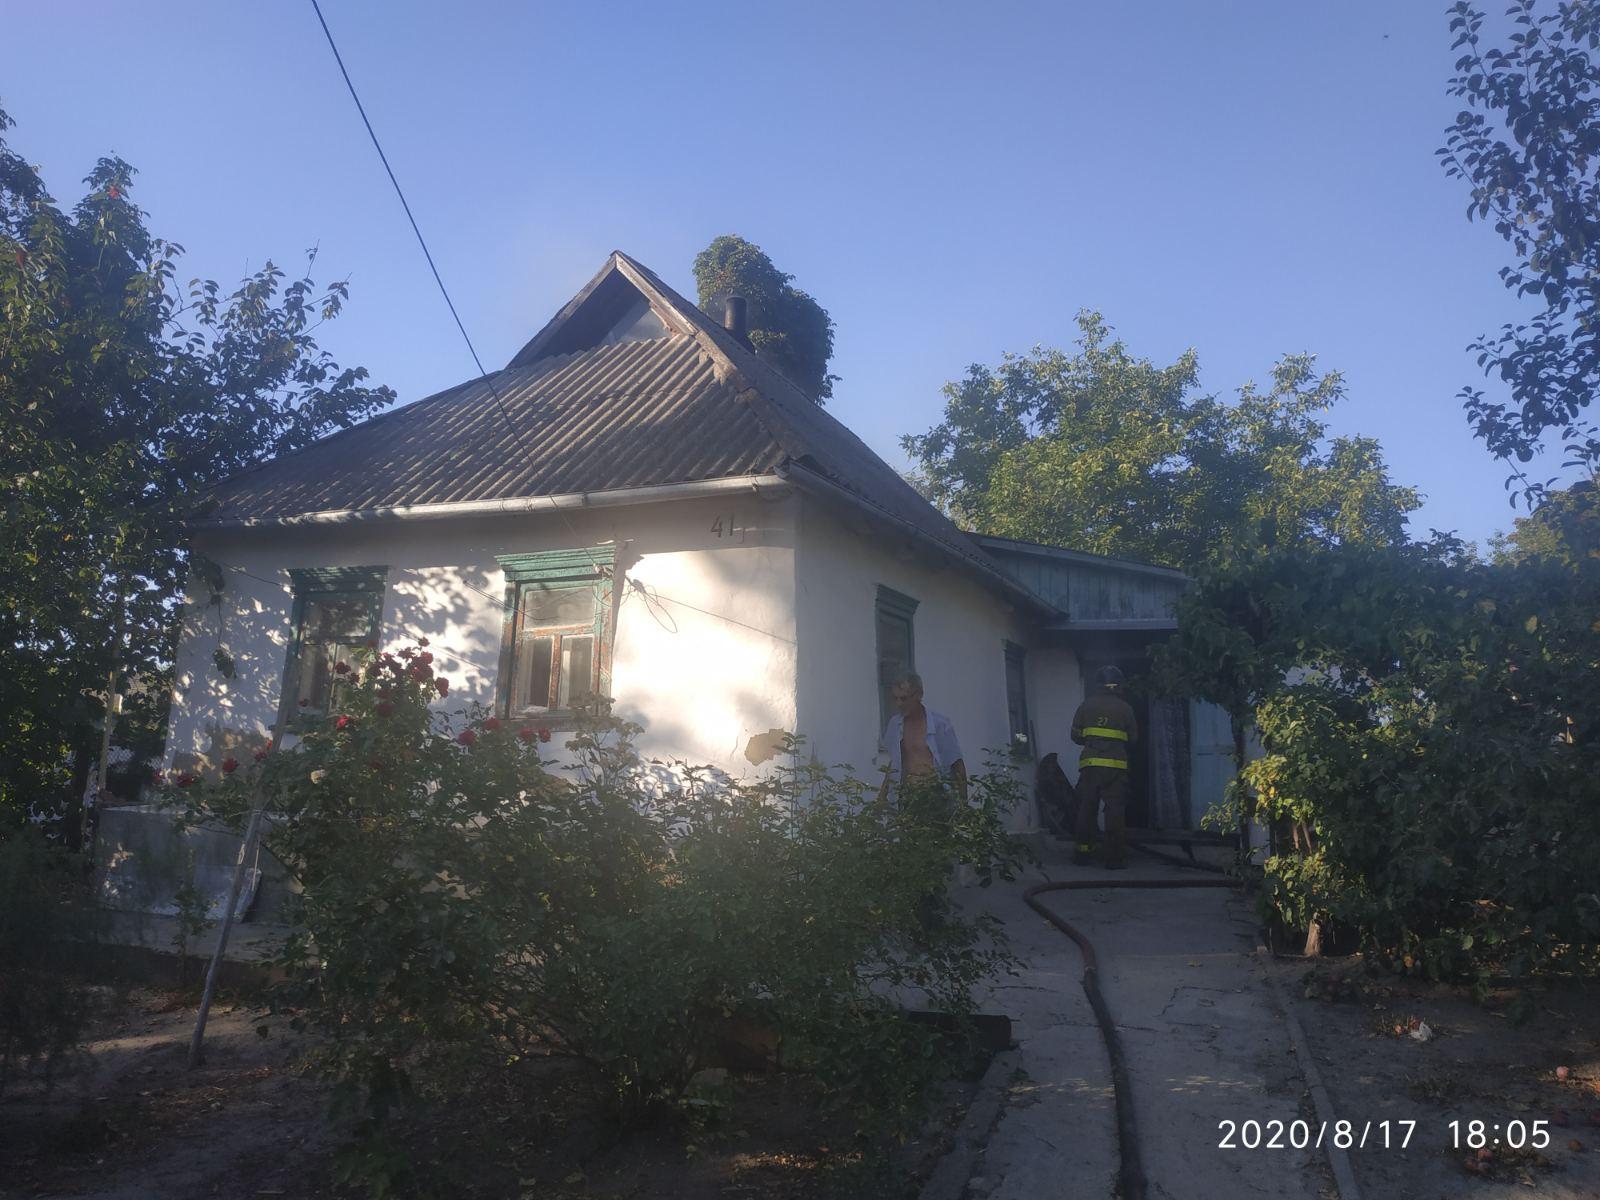 У Сквирі горів будинок та літня кухня - сквира пожежі, Сквира, ГУ ДСНС у Київськійобласті - IMG a47b887122f79ea6edf8d309b4bae59b V